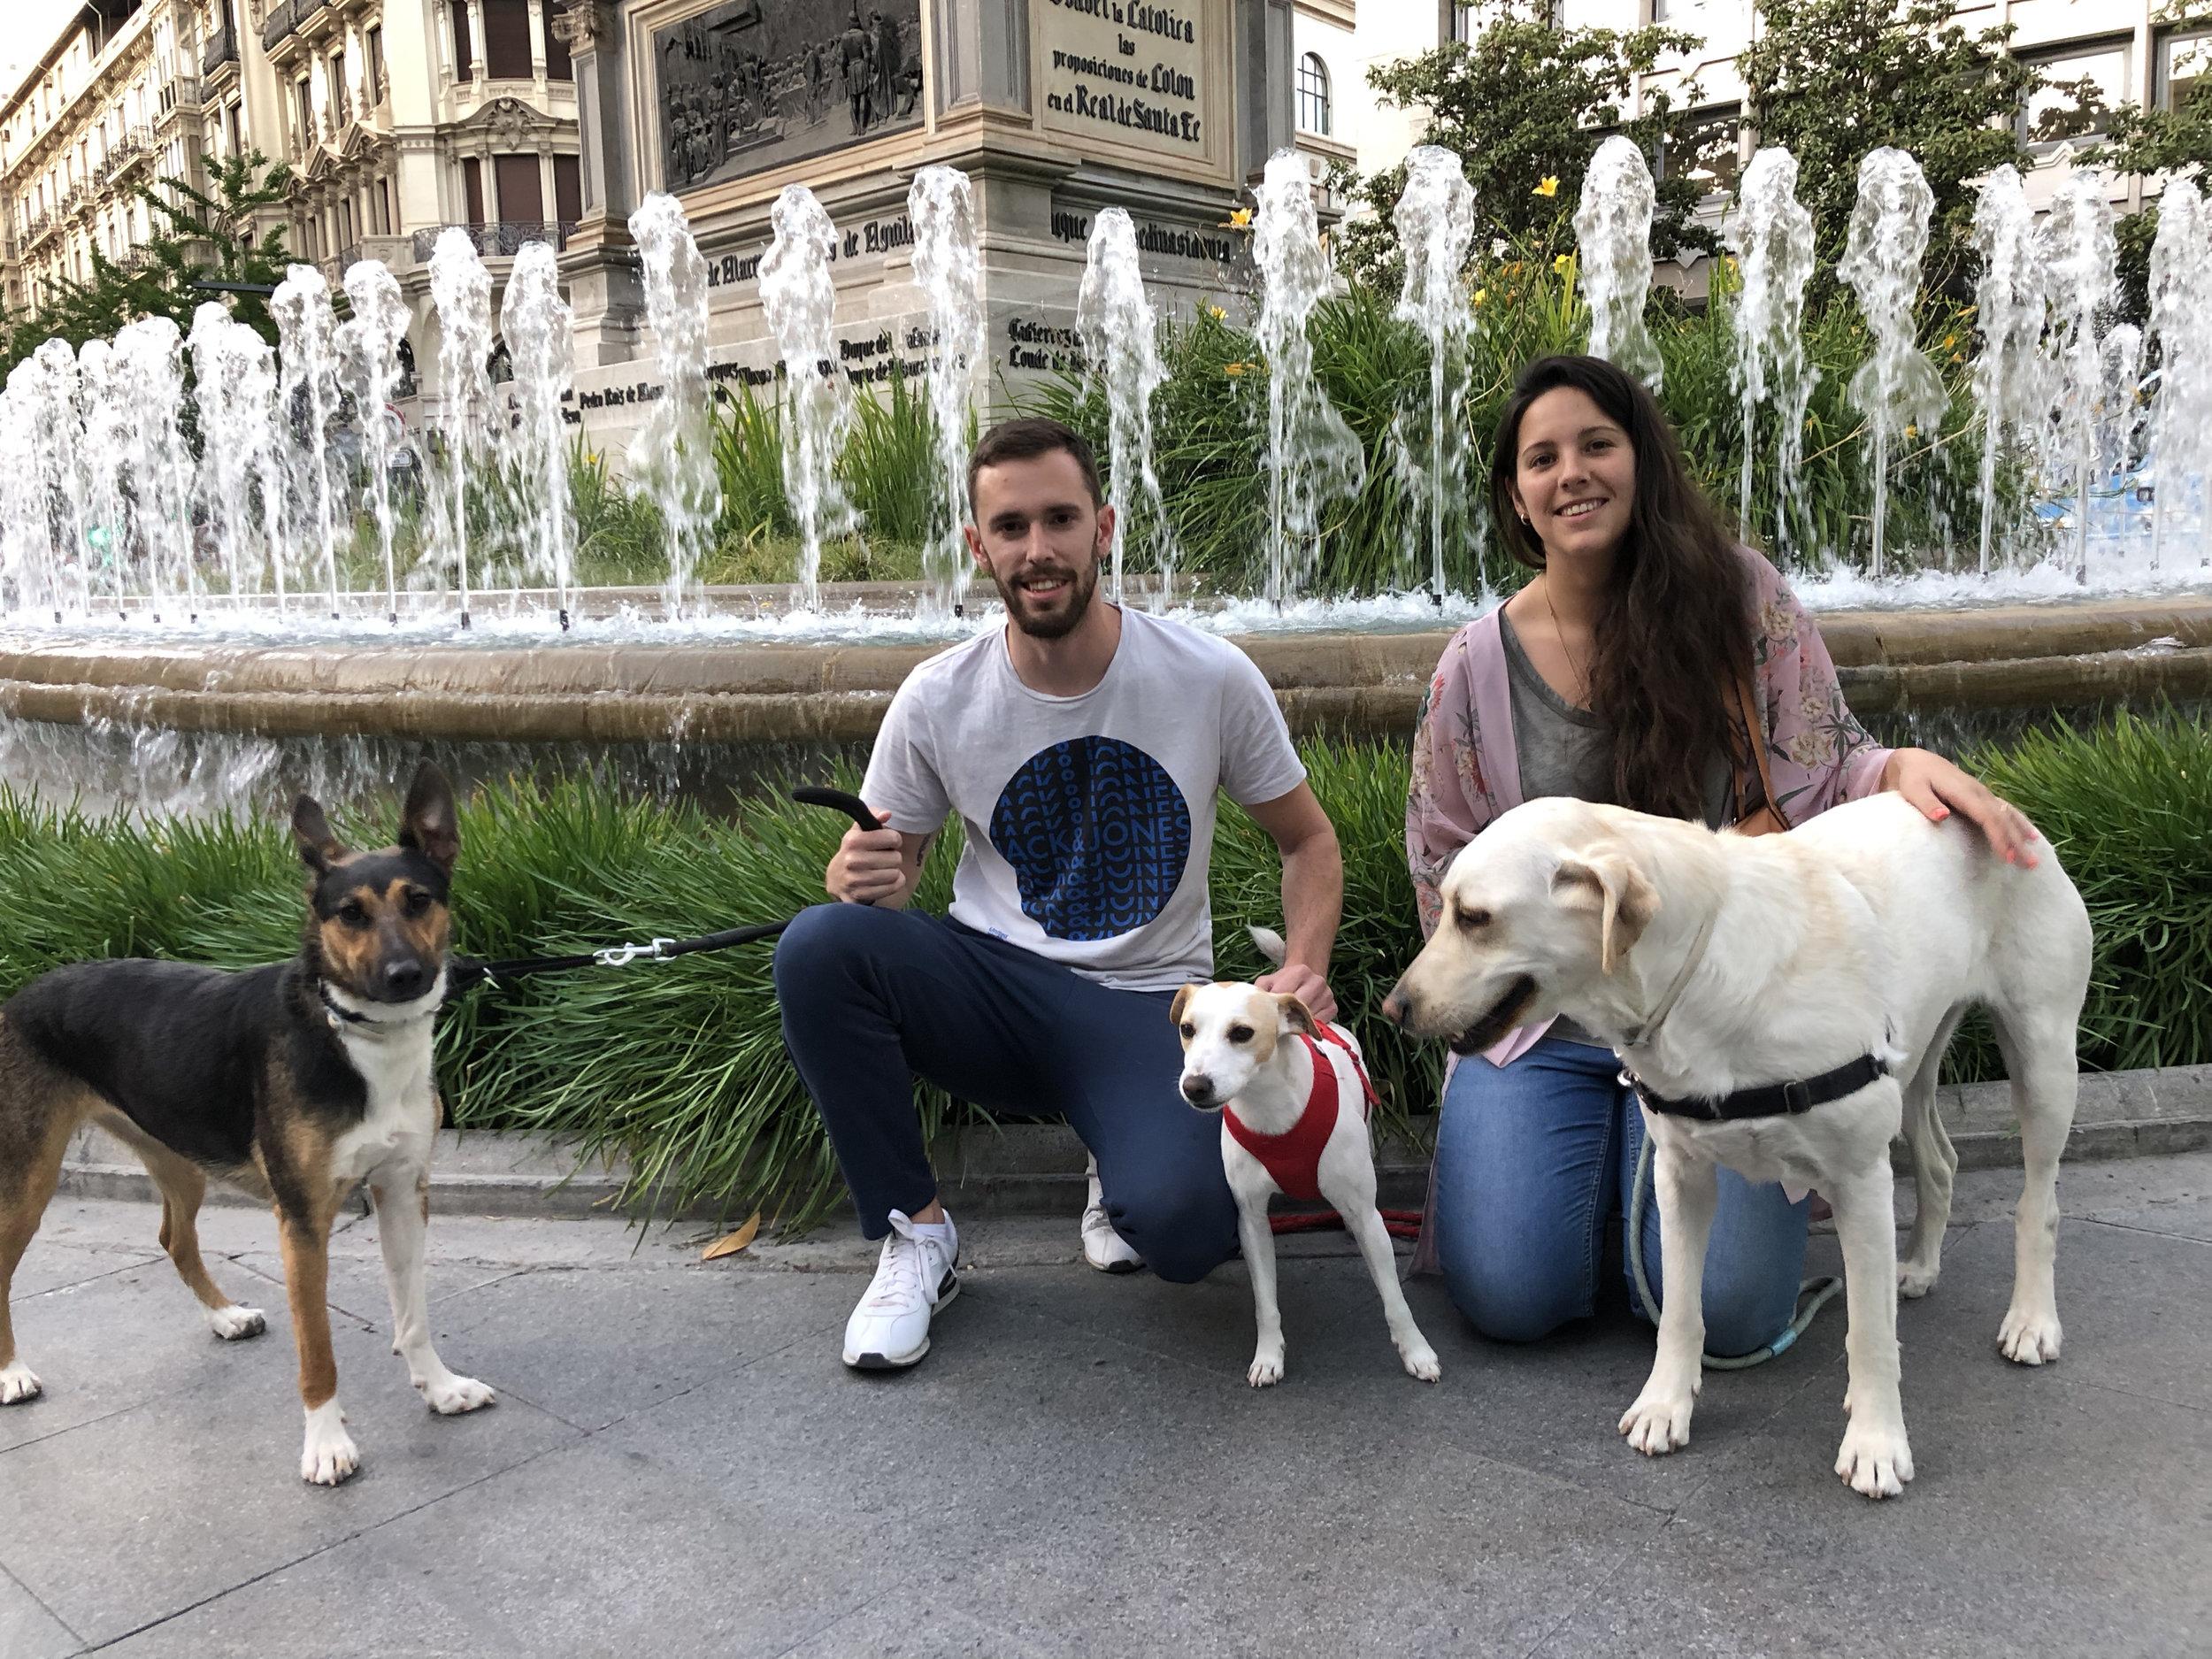 Con unos amigos en Granada.